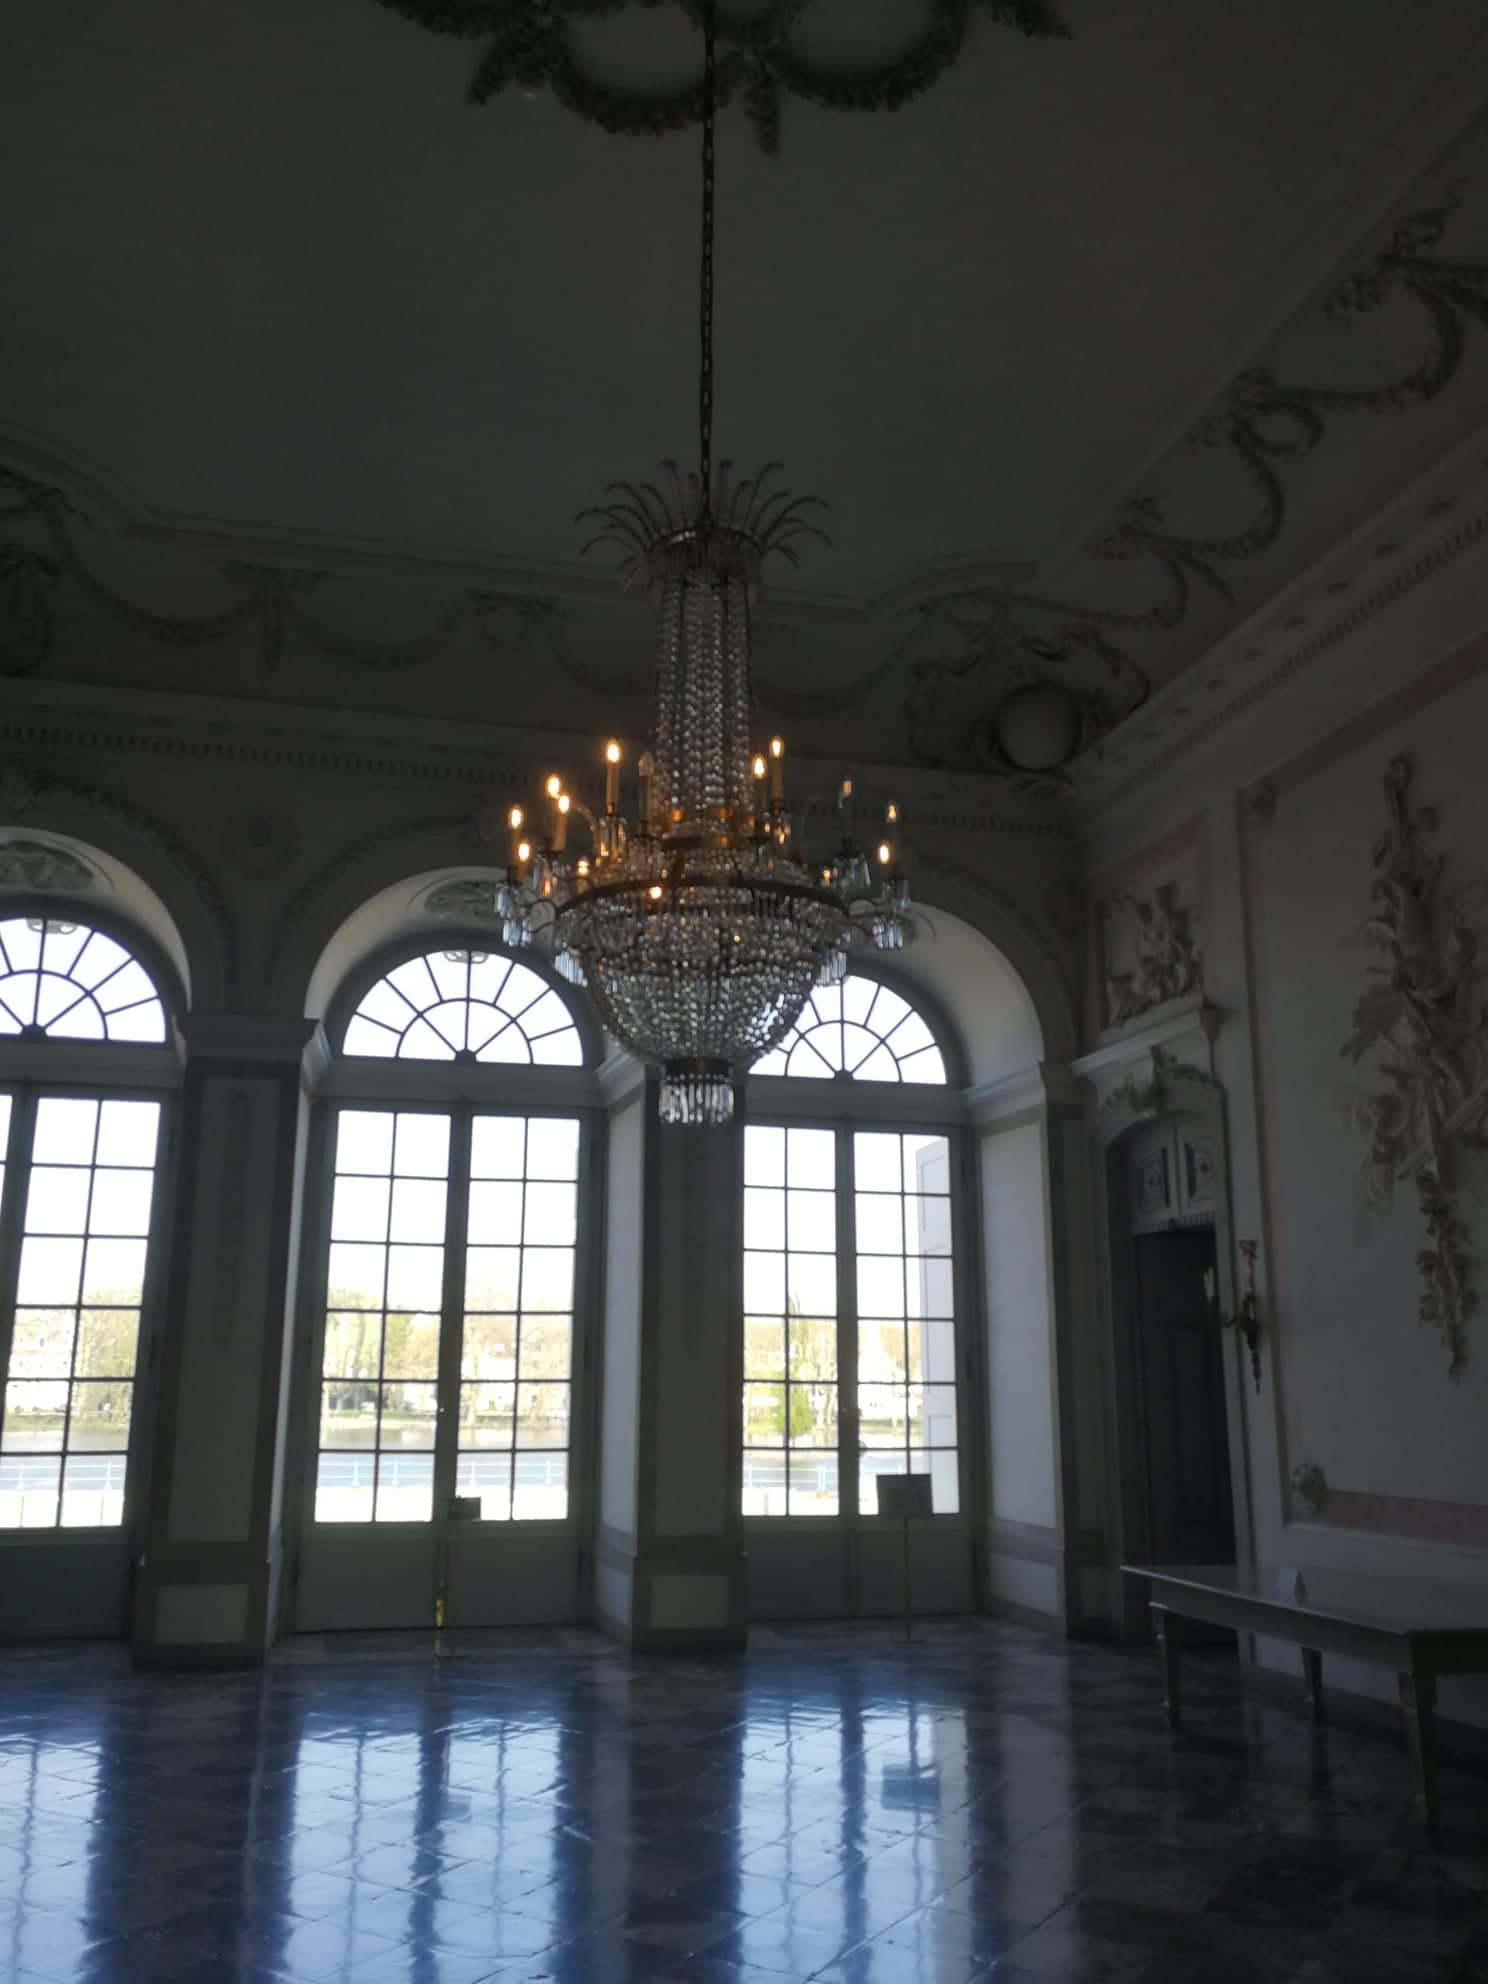 Salón del interior del palacio de Benrath.